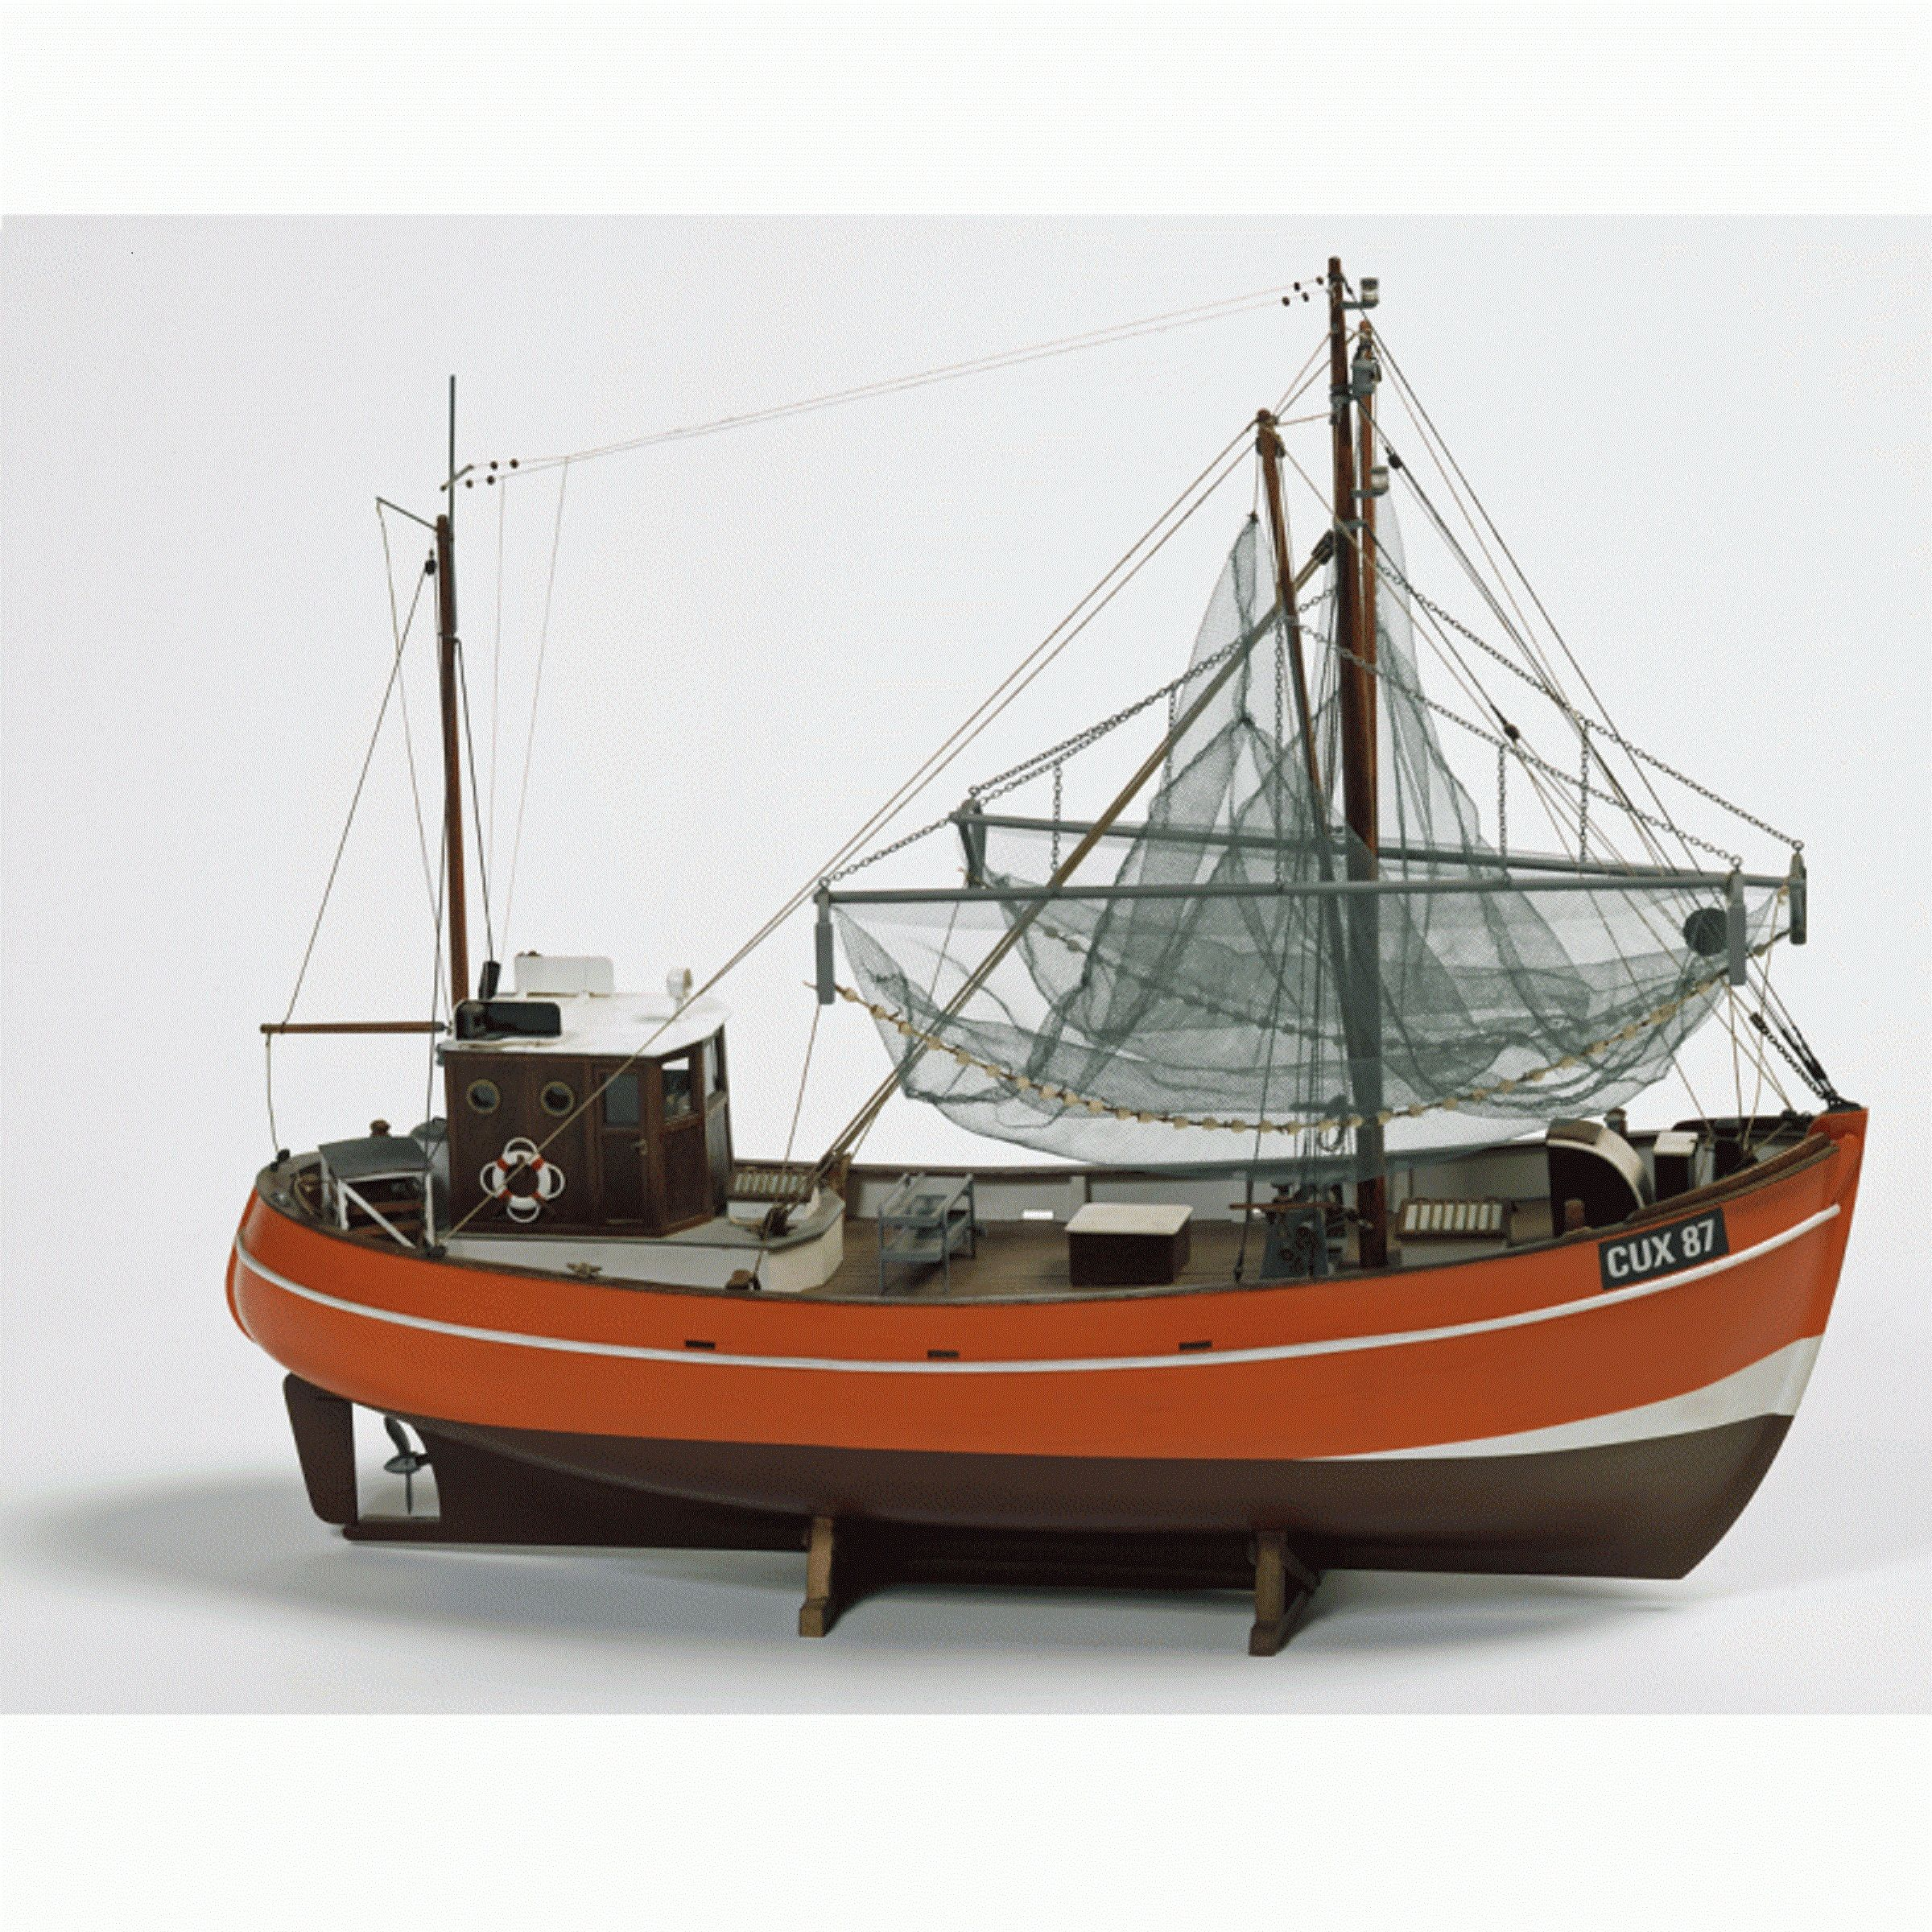 1616-9252-Cux-87-Krabben-Kutter-Model-Boat-Kit